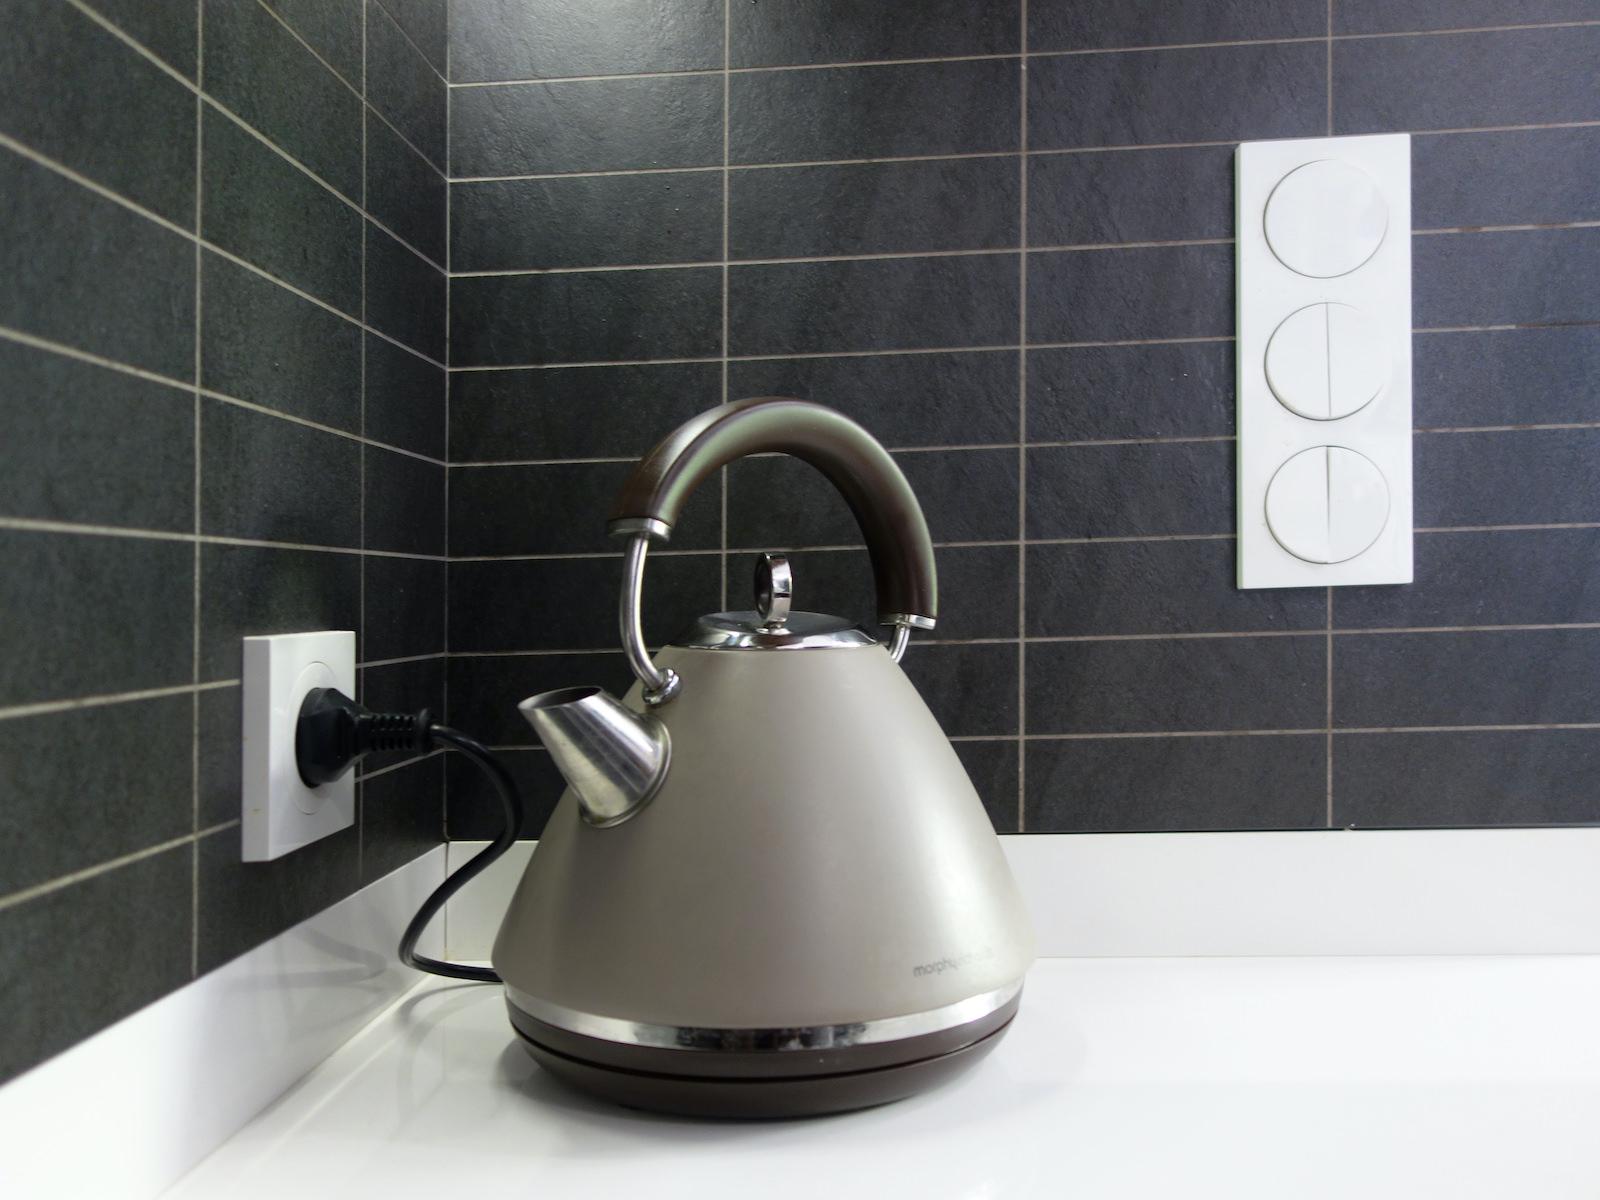 15 projektant wnetrz R056 dom dabrowa gornicza kuchnia detal czajnik do kuchni czarne plytki miedzy szafkami wlaczniki swiatla